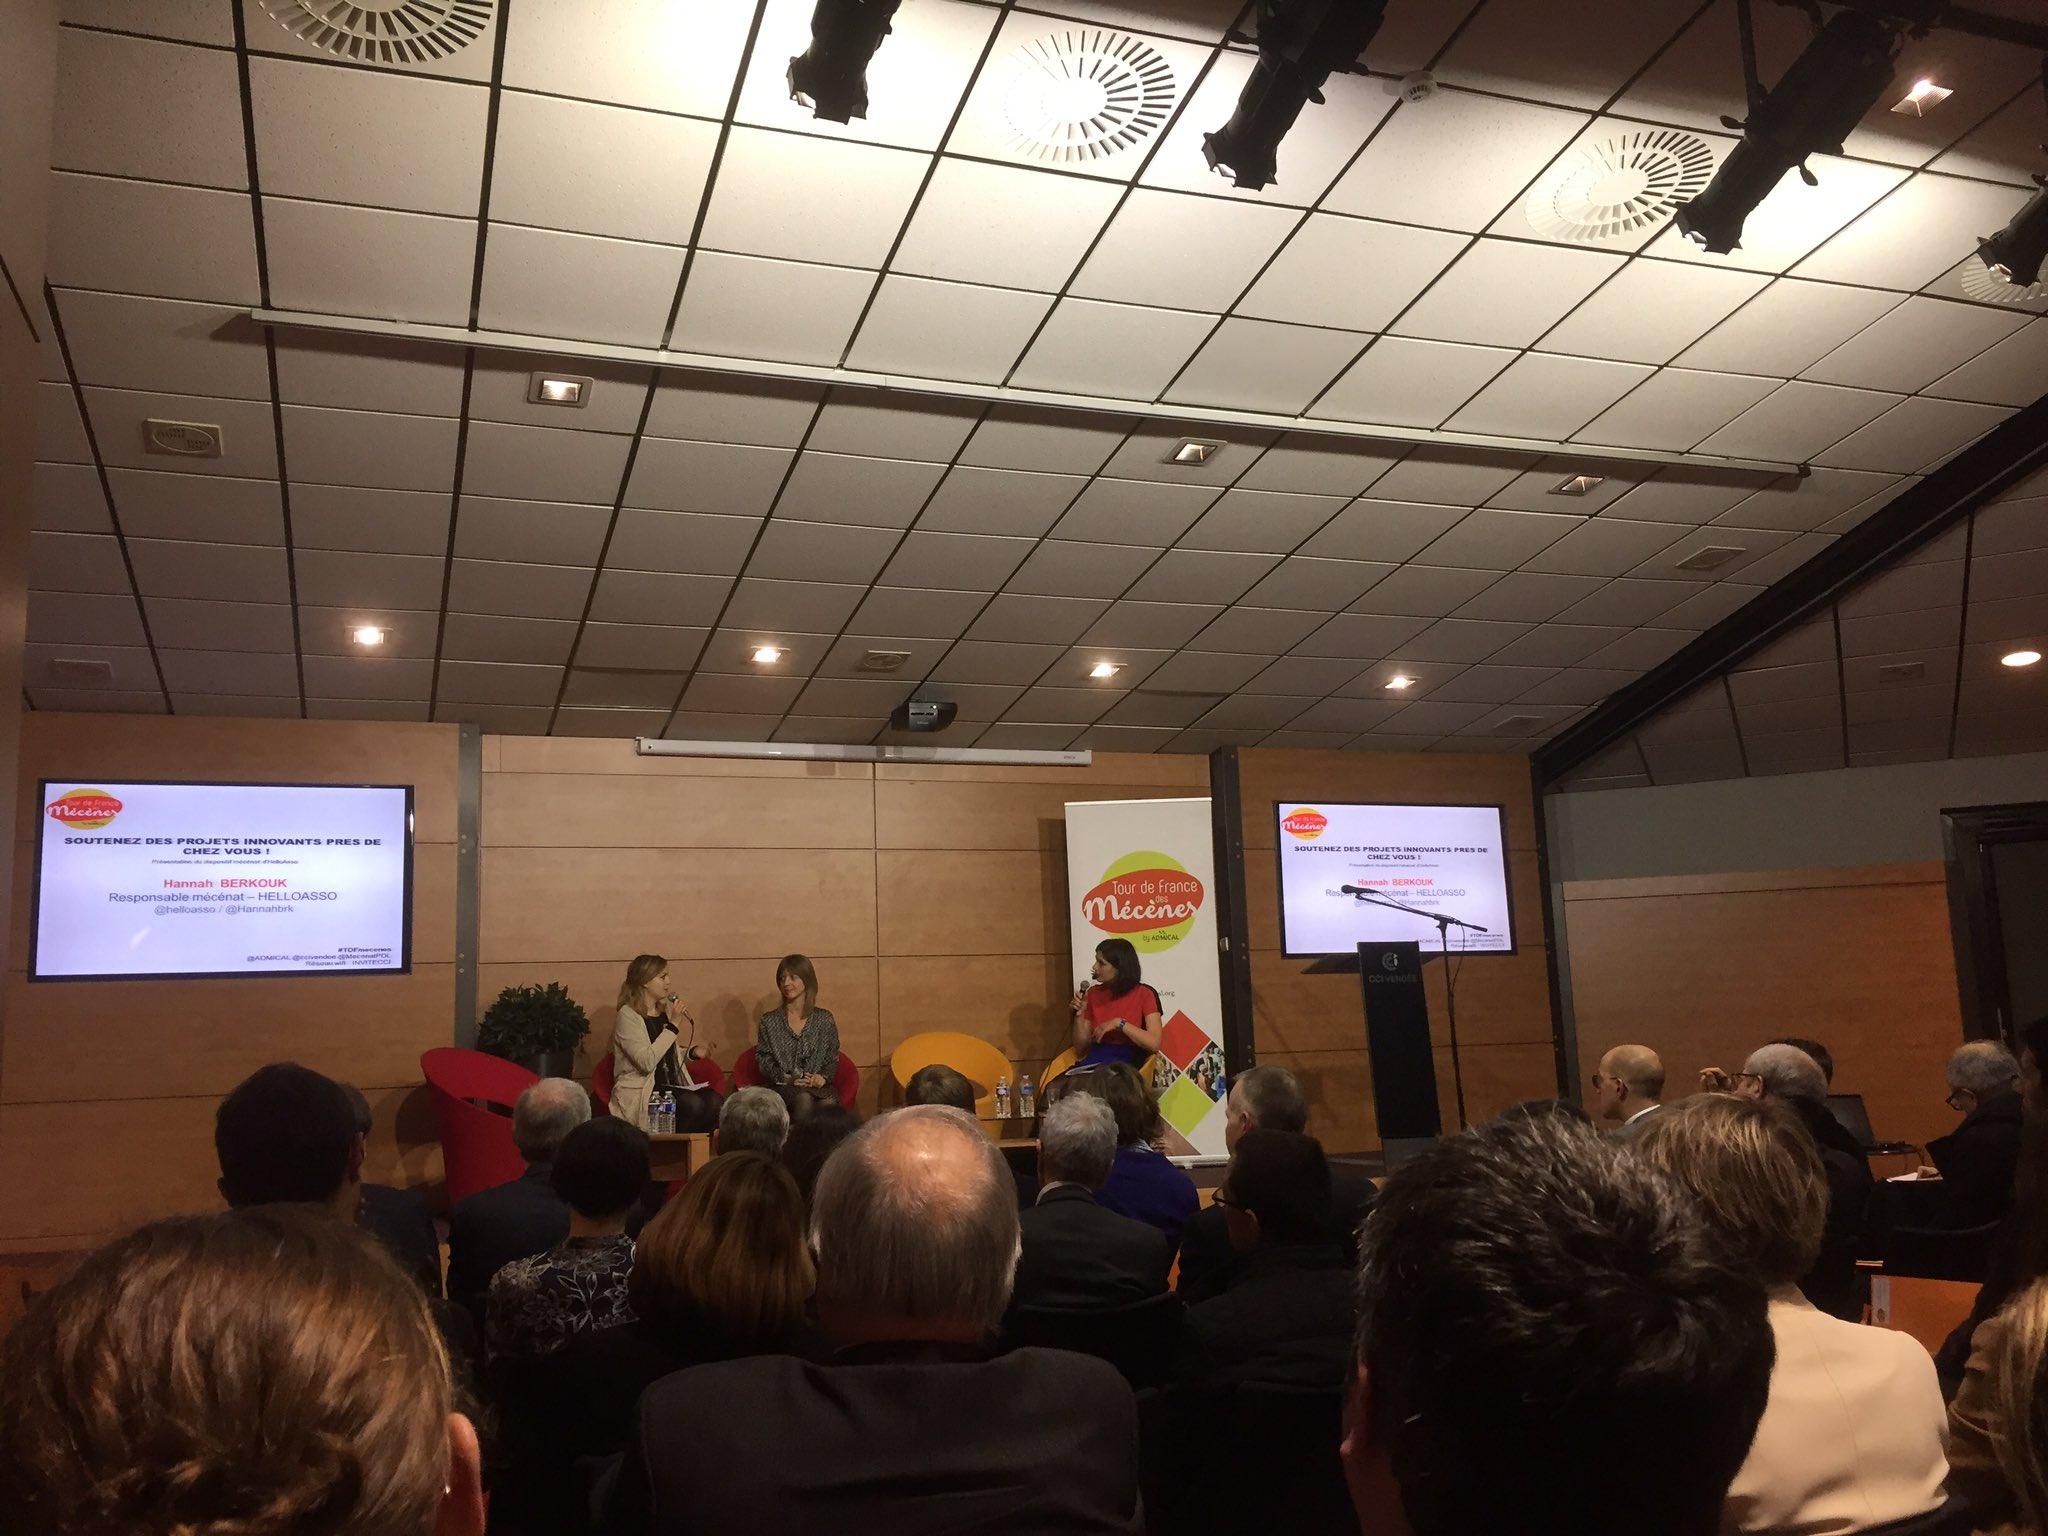 @helloasso le crowdfunding au service des associations #mecenat #entrepreneurs ! Un tour de France des projets à soutenir #tdfmecenes https://t.co/5rKgYduwQc